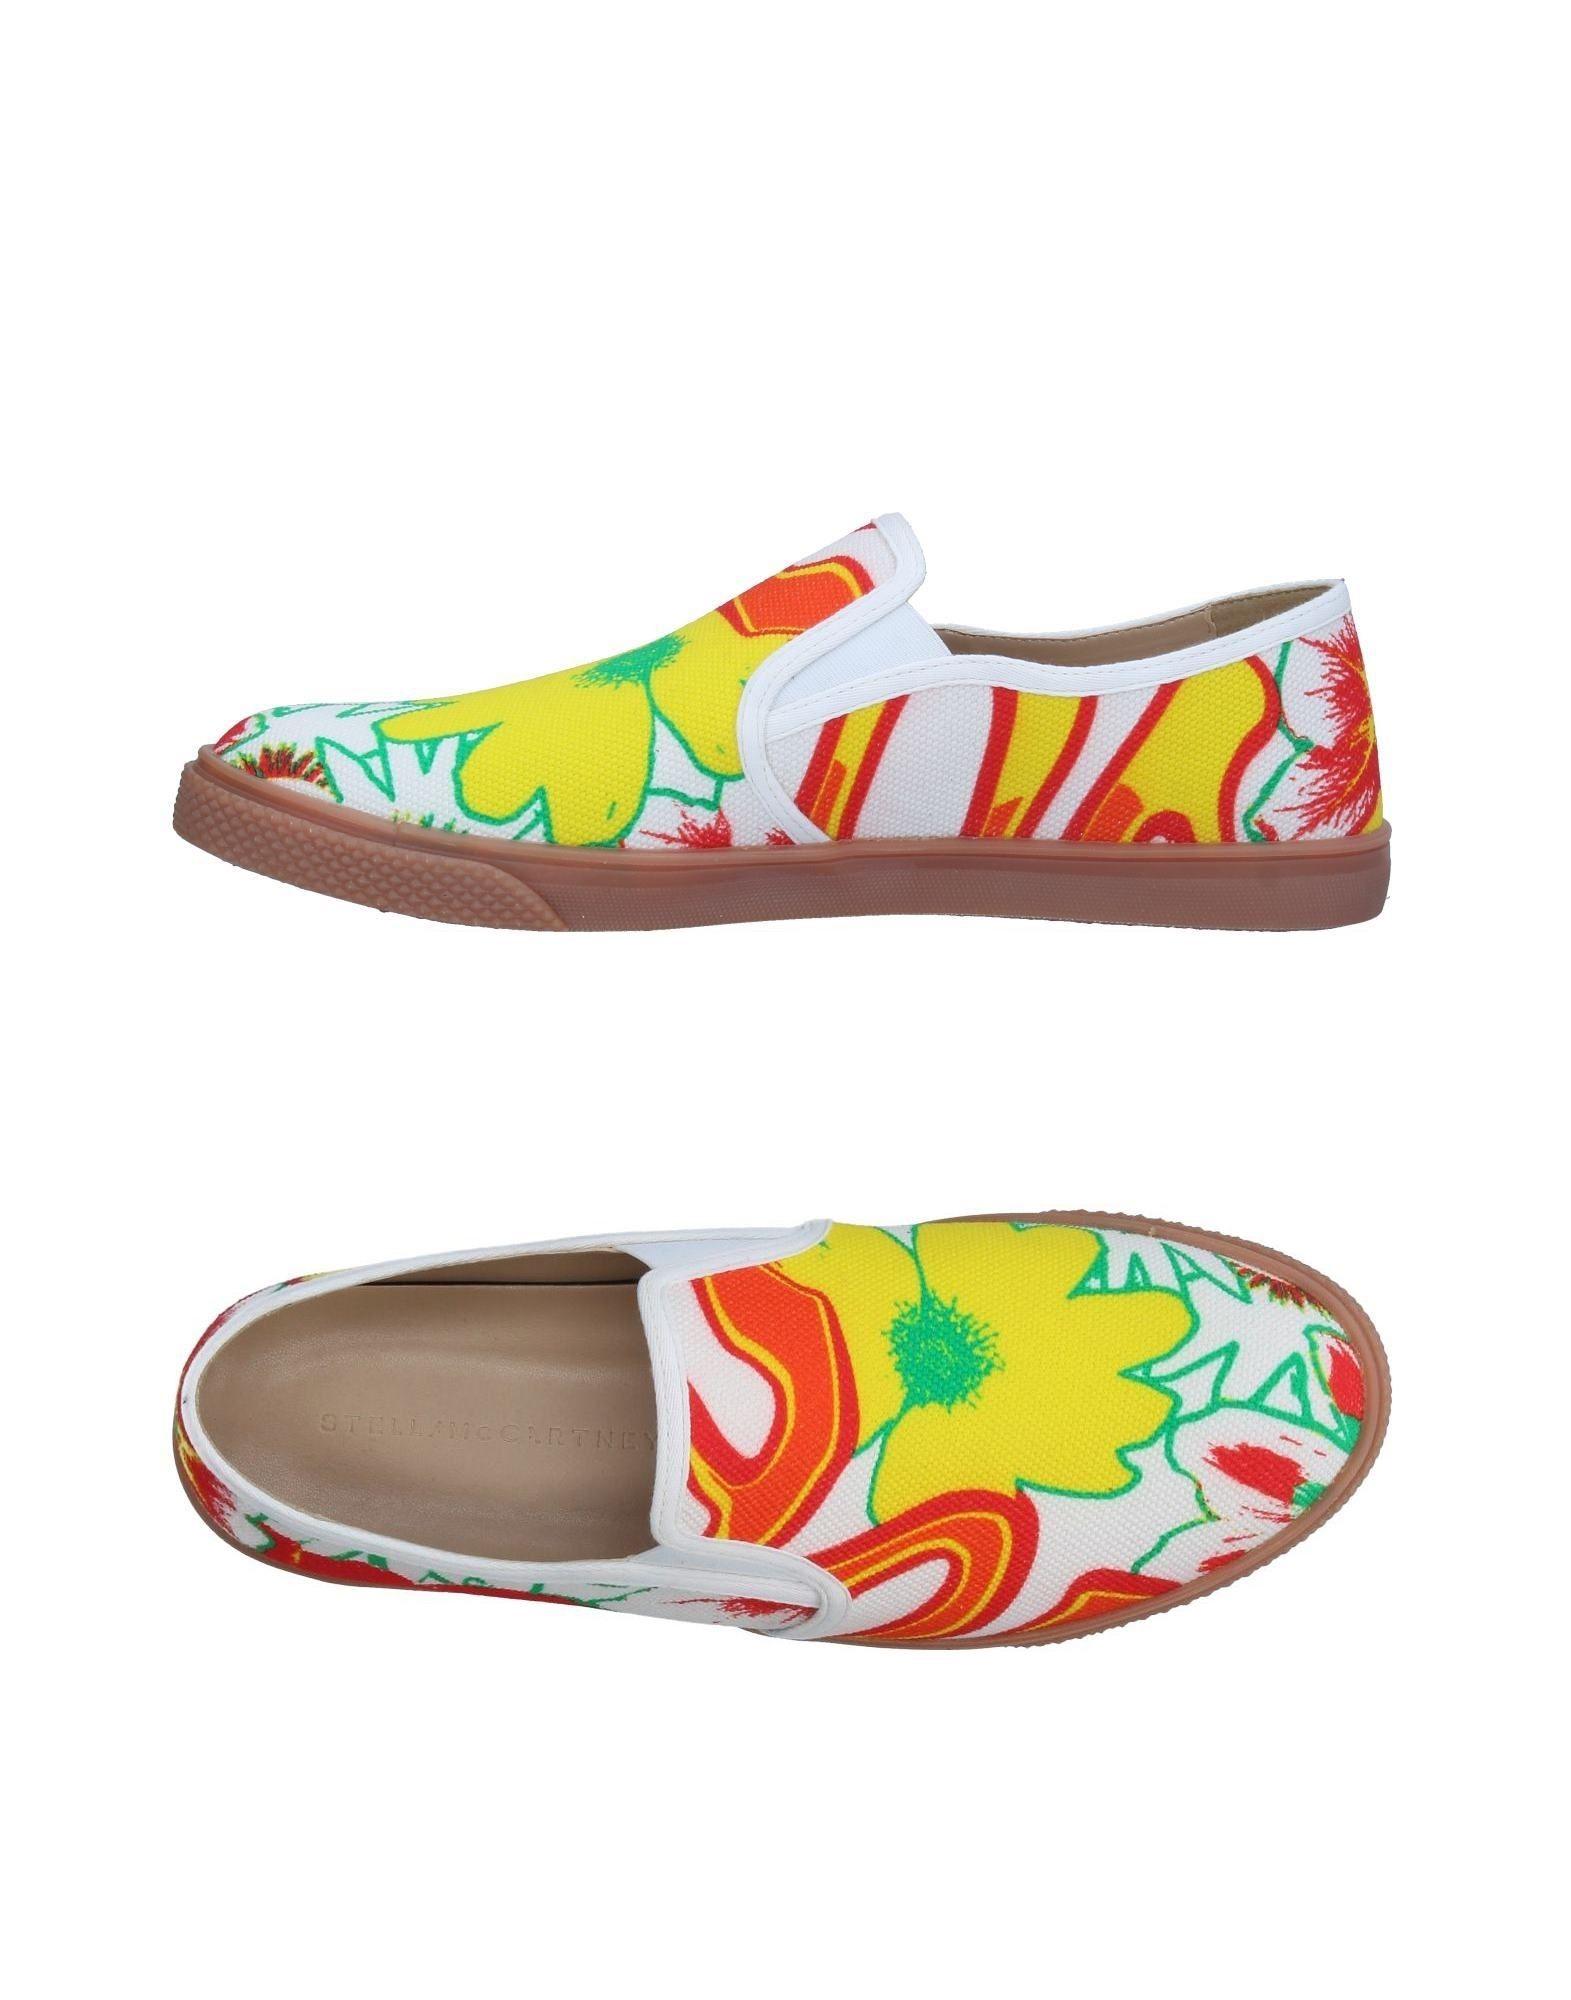 Rabatt echte Schuhe Stella Mccartney Sneakers Herren  11329533QV